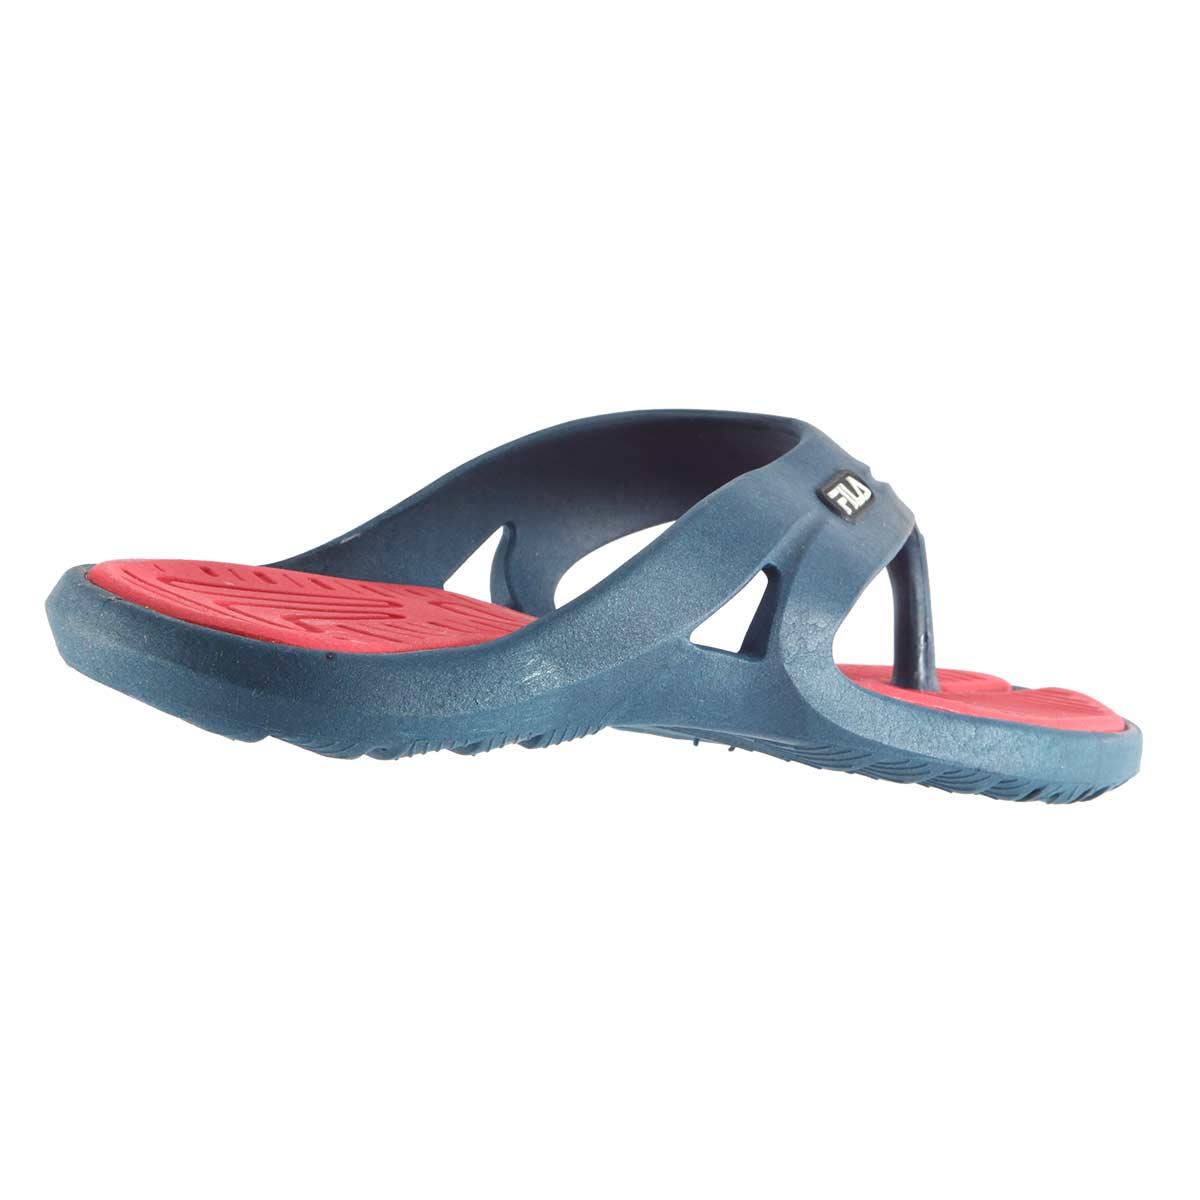 Chinelo Fila Beach Flip Flop  - Ian Calçados